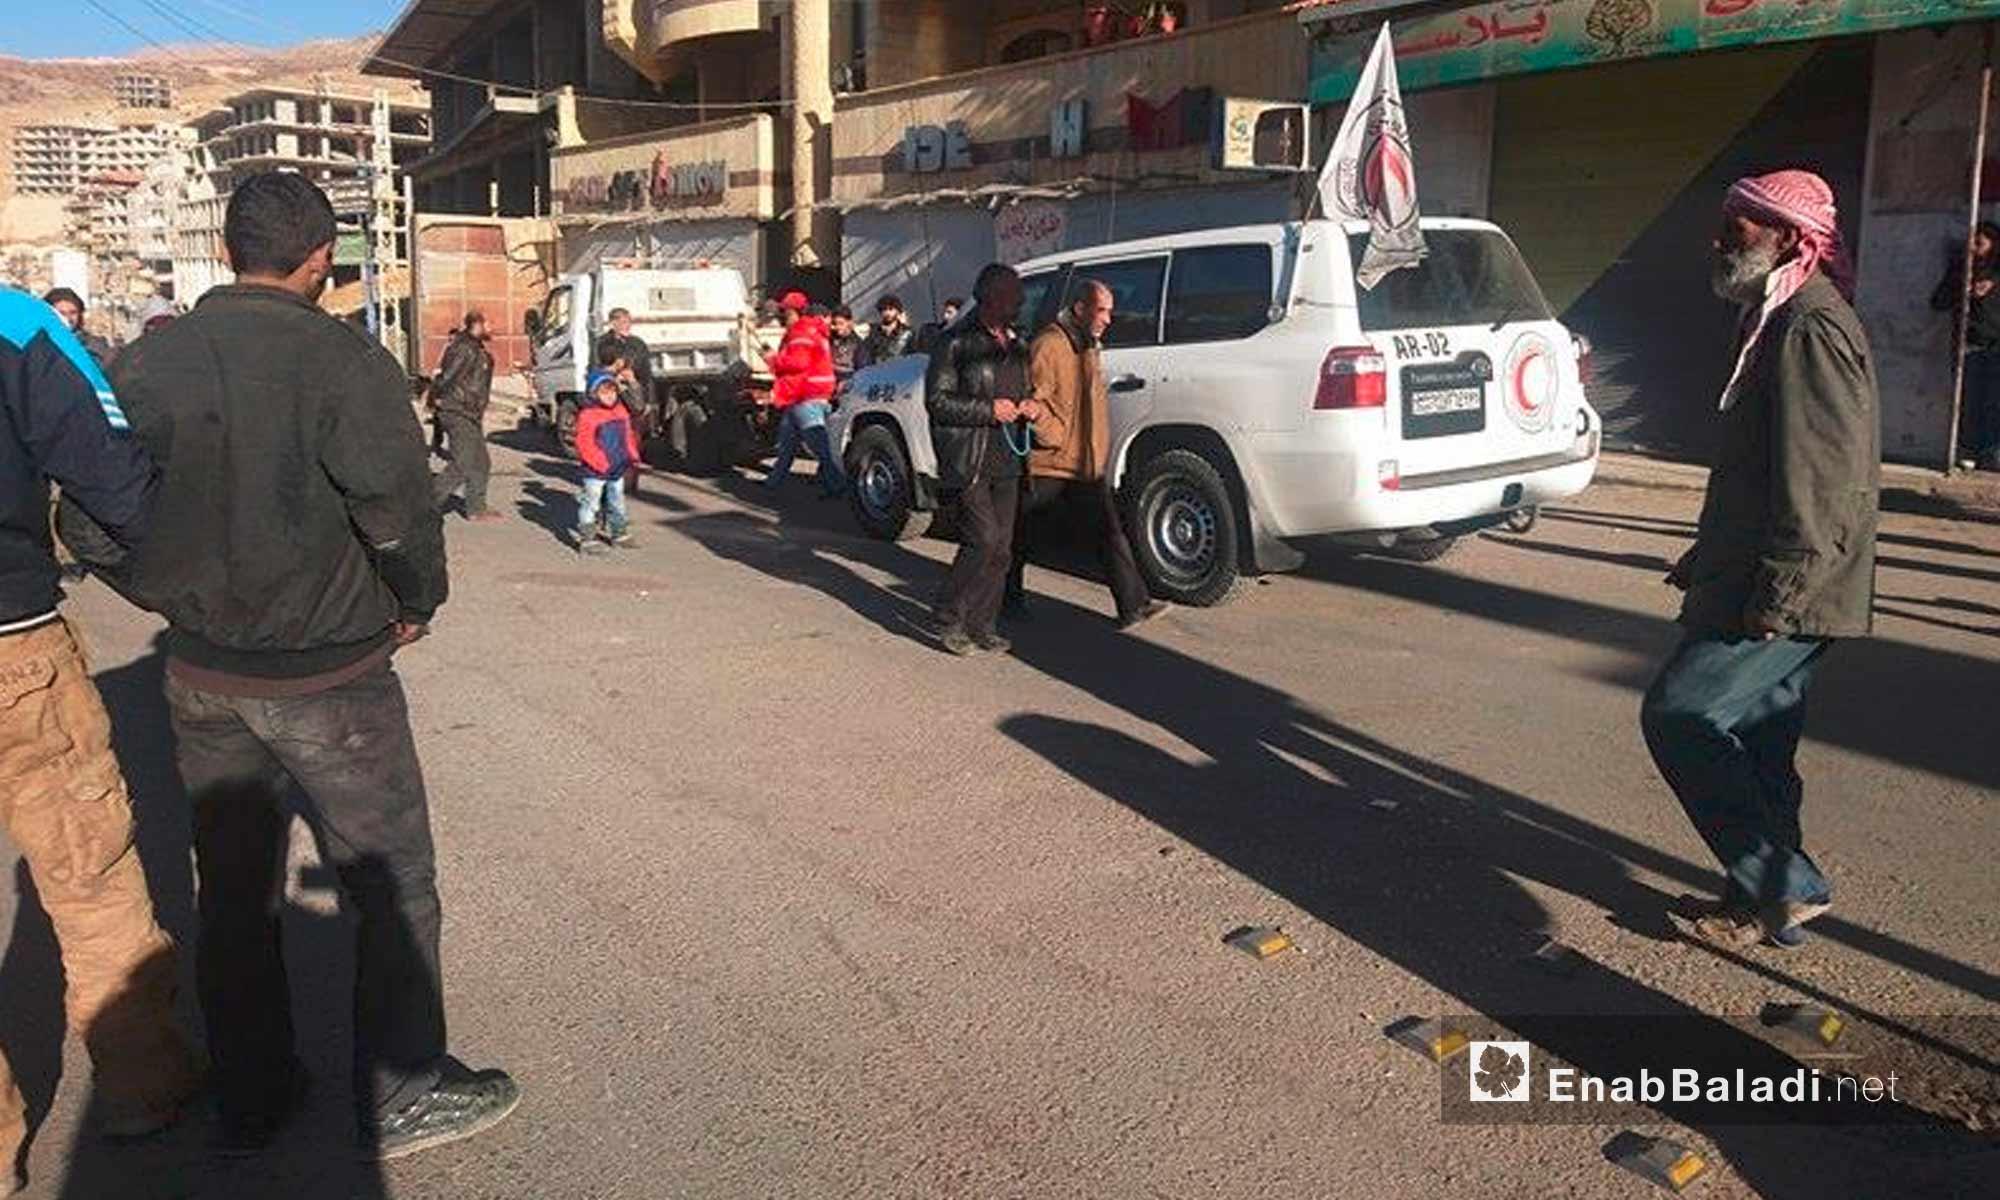 """سيارات """"الهلال الأحمر"""" داخل بلدة مضايا في ريف دمشق - 28 تشرين الثاني 2016 (عنب بلدي)"""